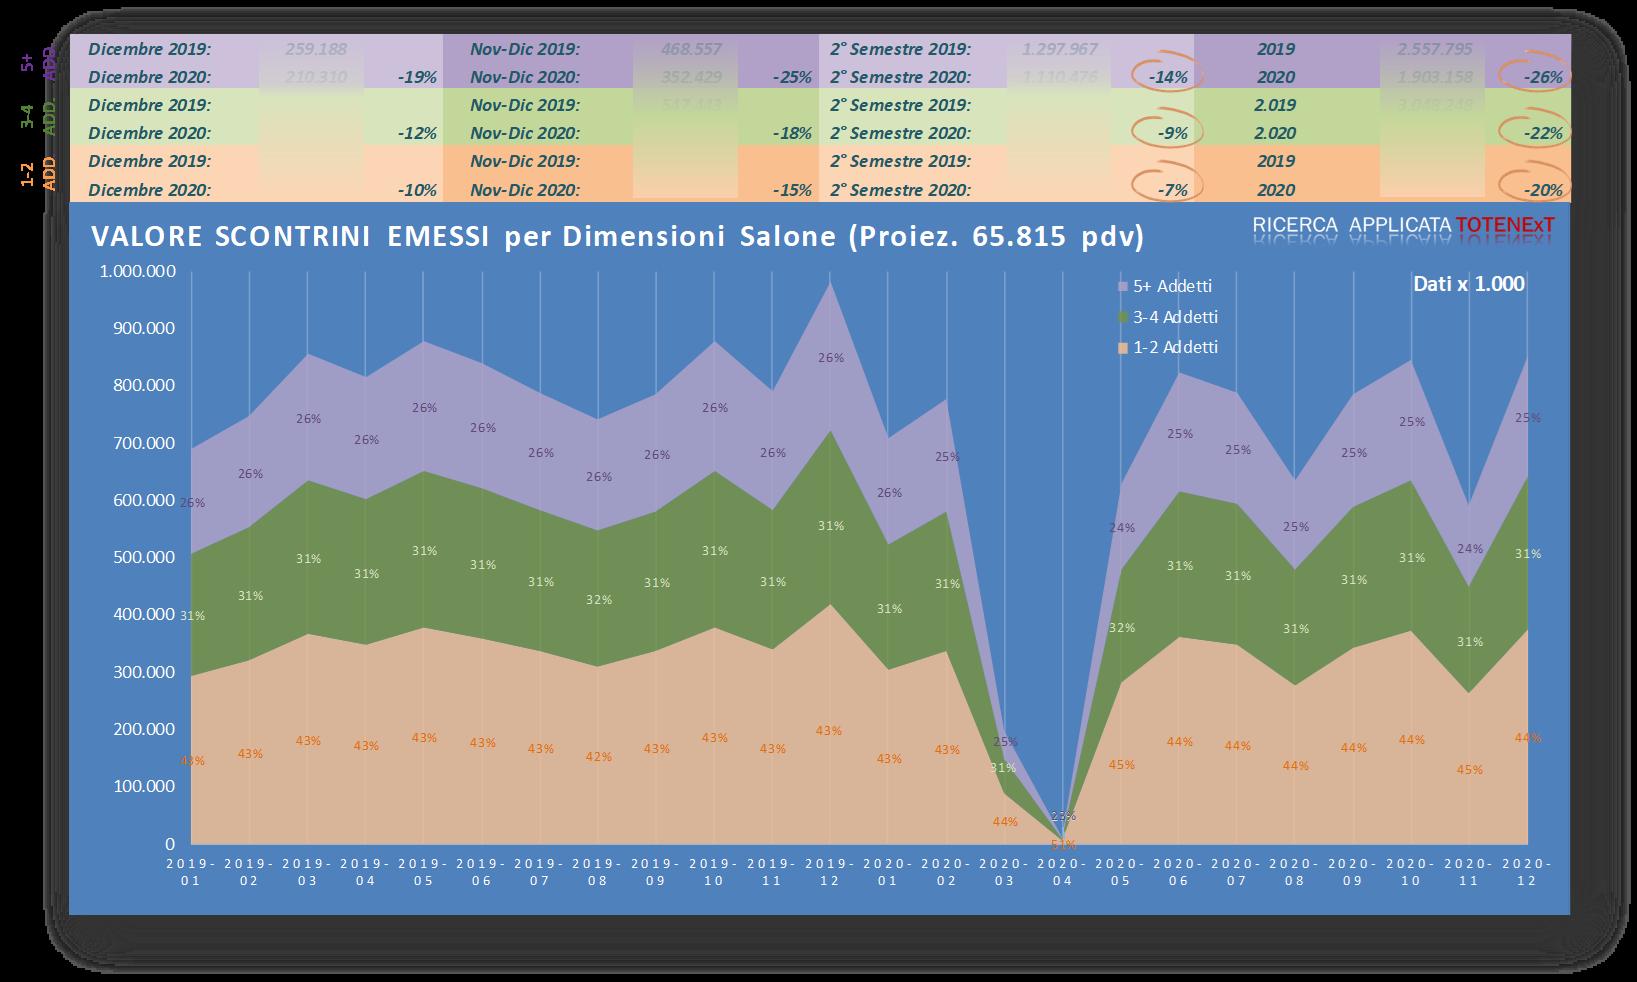 Valore scontrini emessi - Incrocio dimensione salone panel - monitoraggio - indagine di mercato